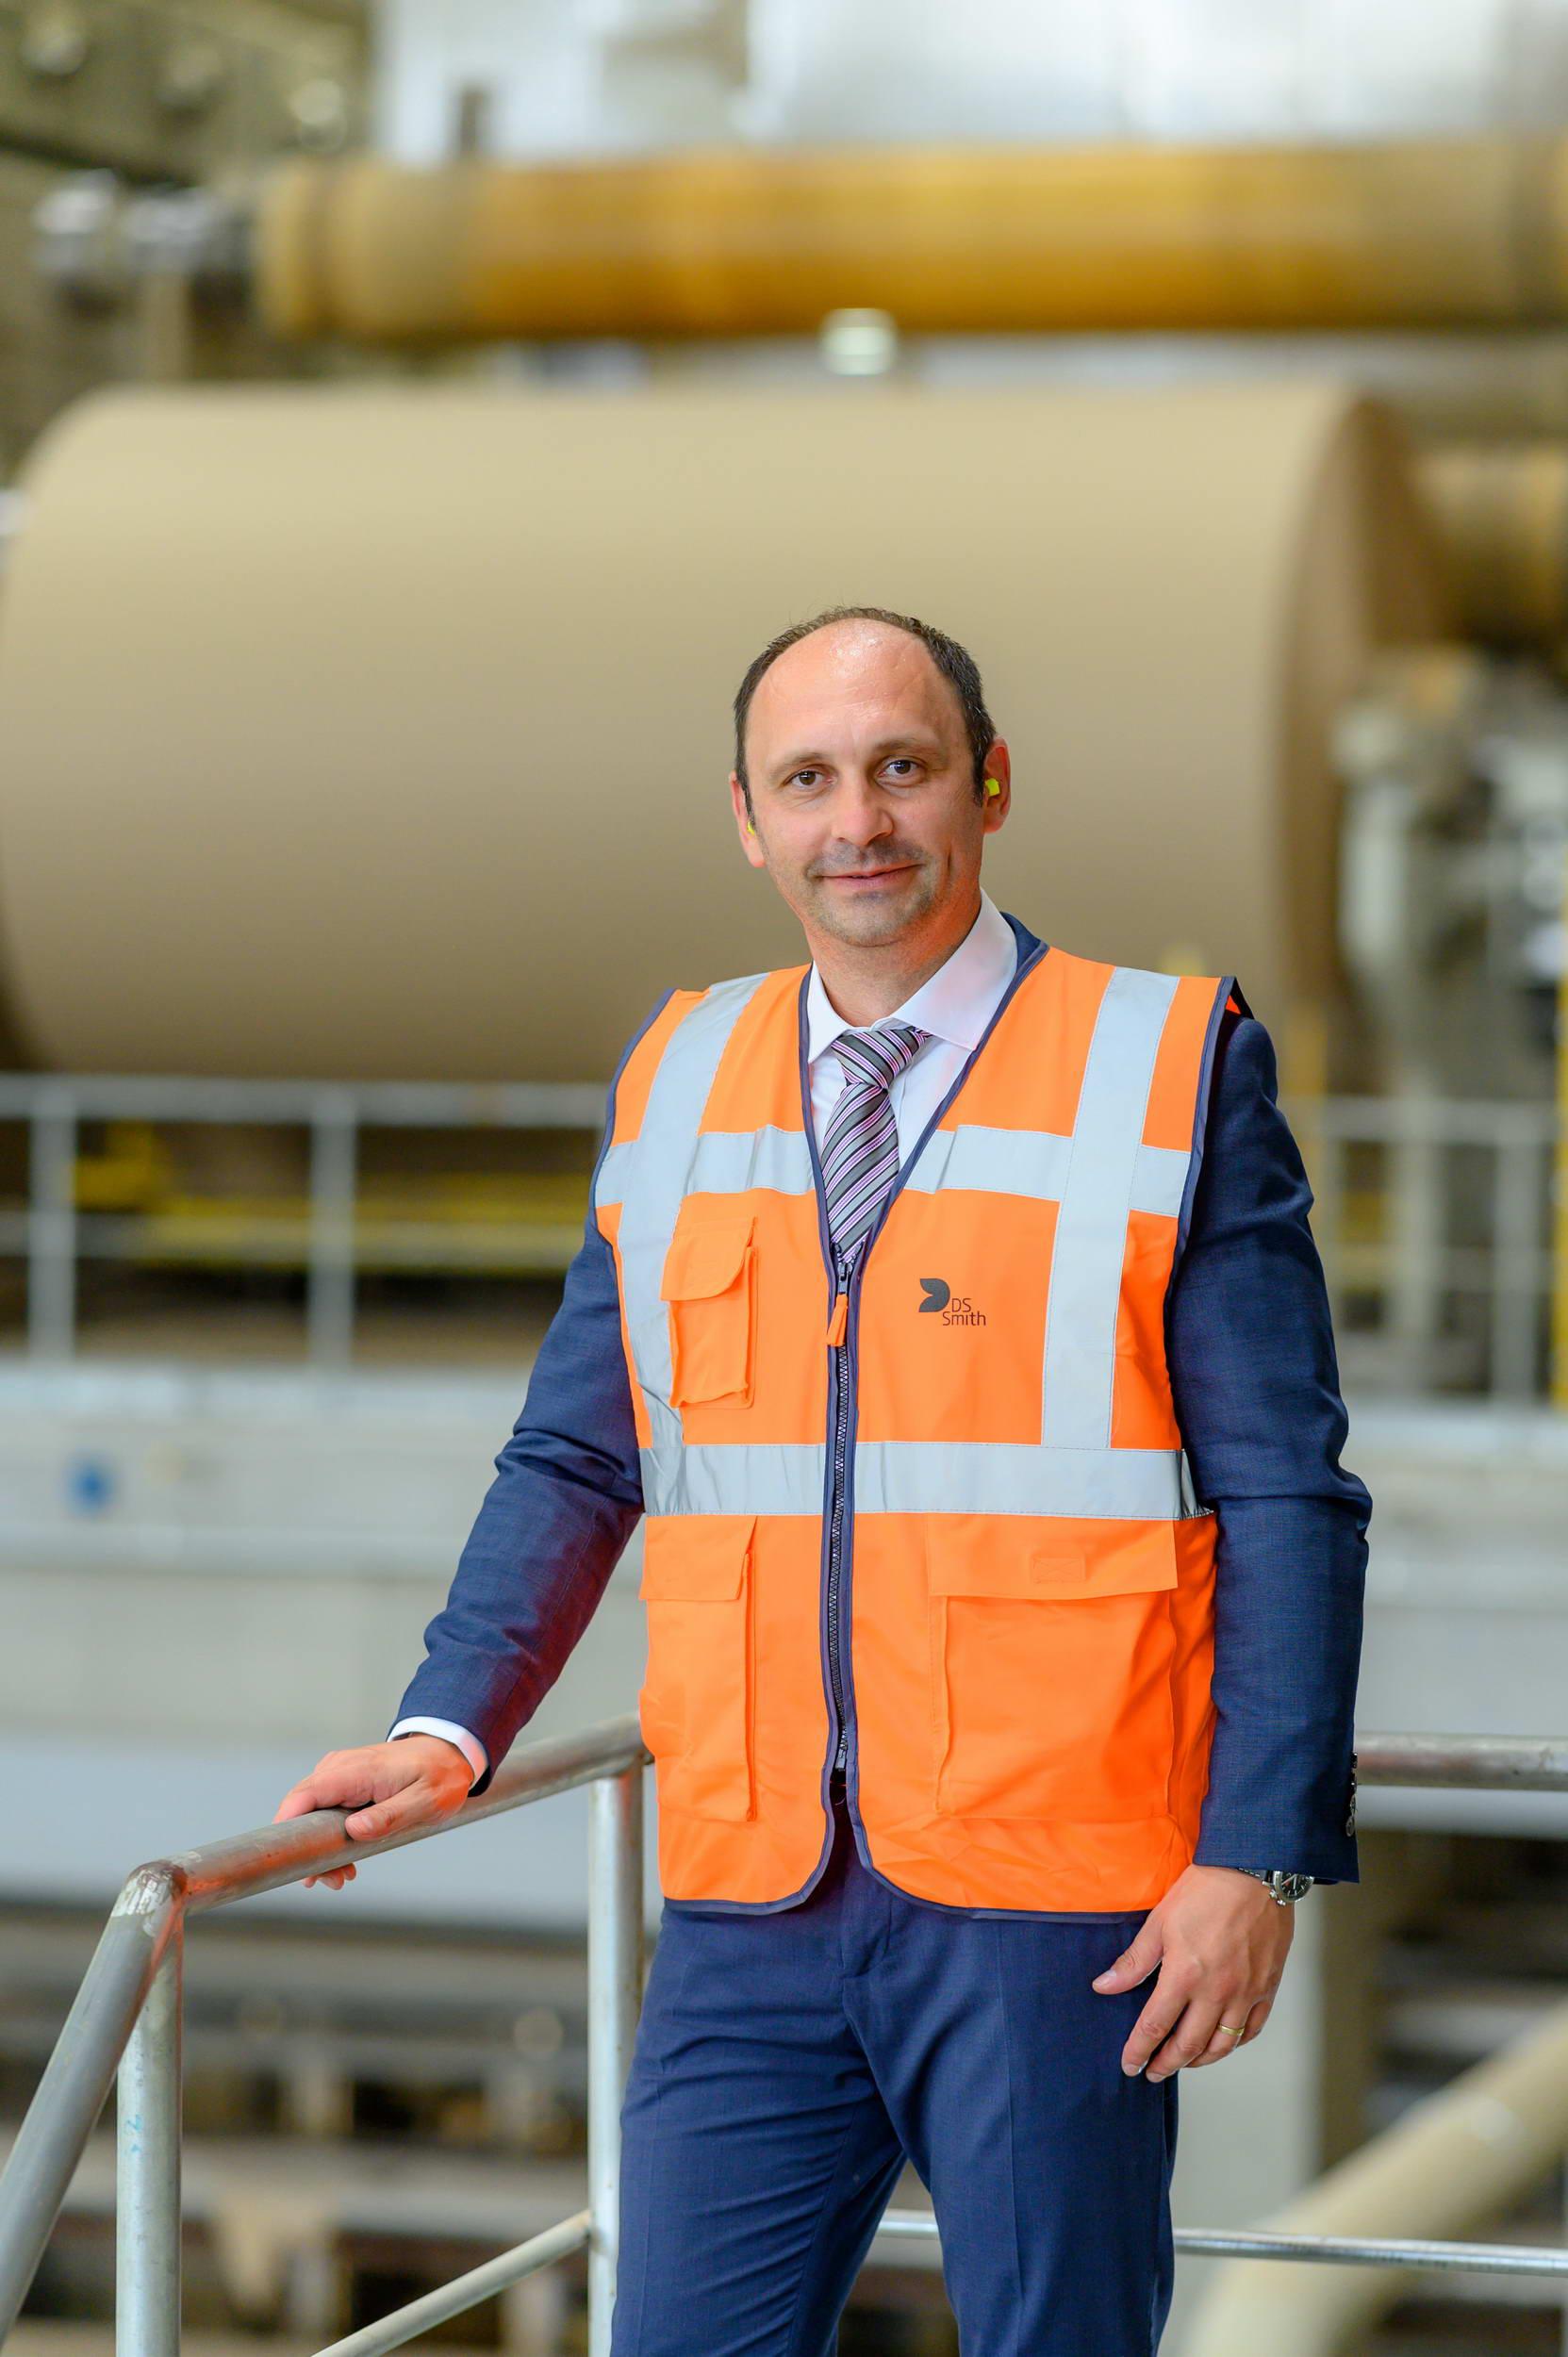 Marius Juncanariu, CEO fabrica de hartie pentru ambalaje din Zarnesti